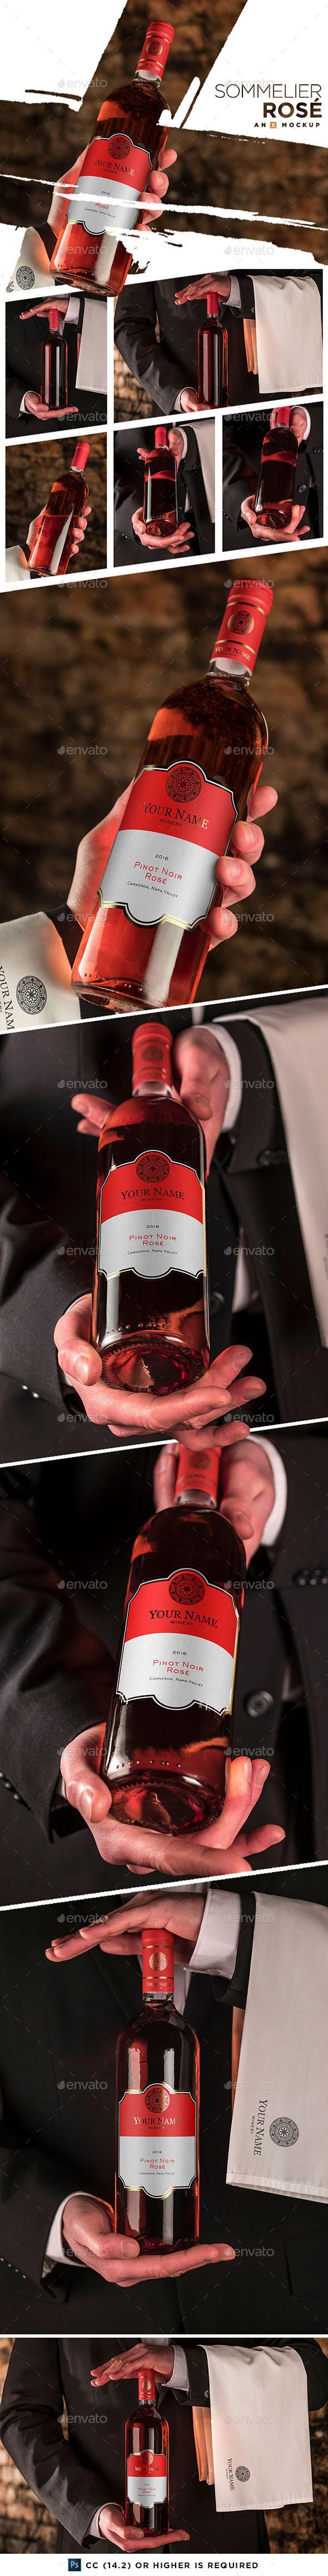 Sommelier Wine Mockup - Bordeaux Rosé - Product Mock-Ups Graphics